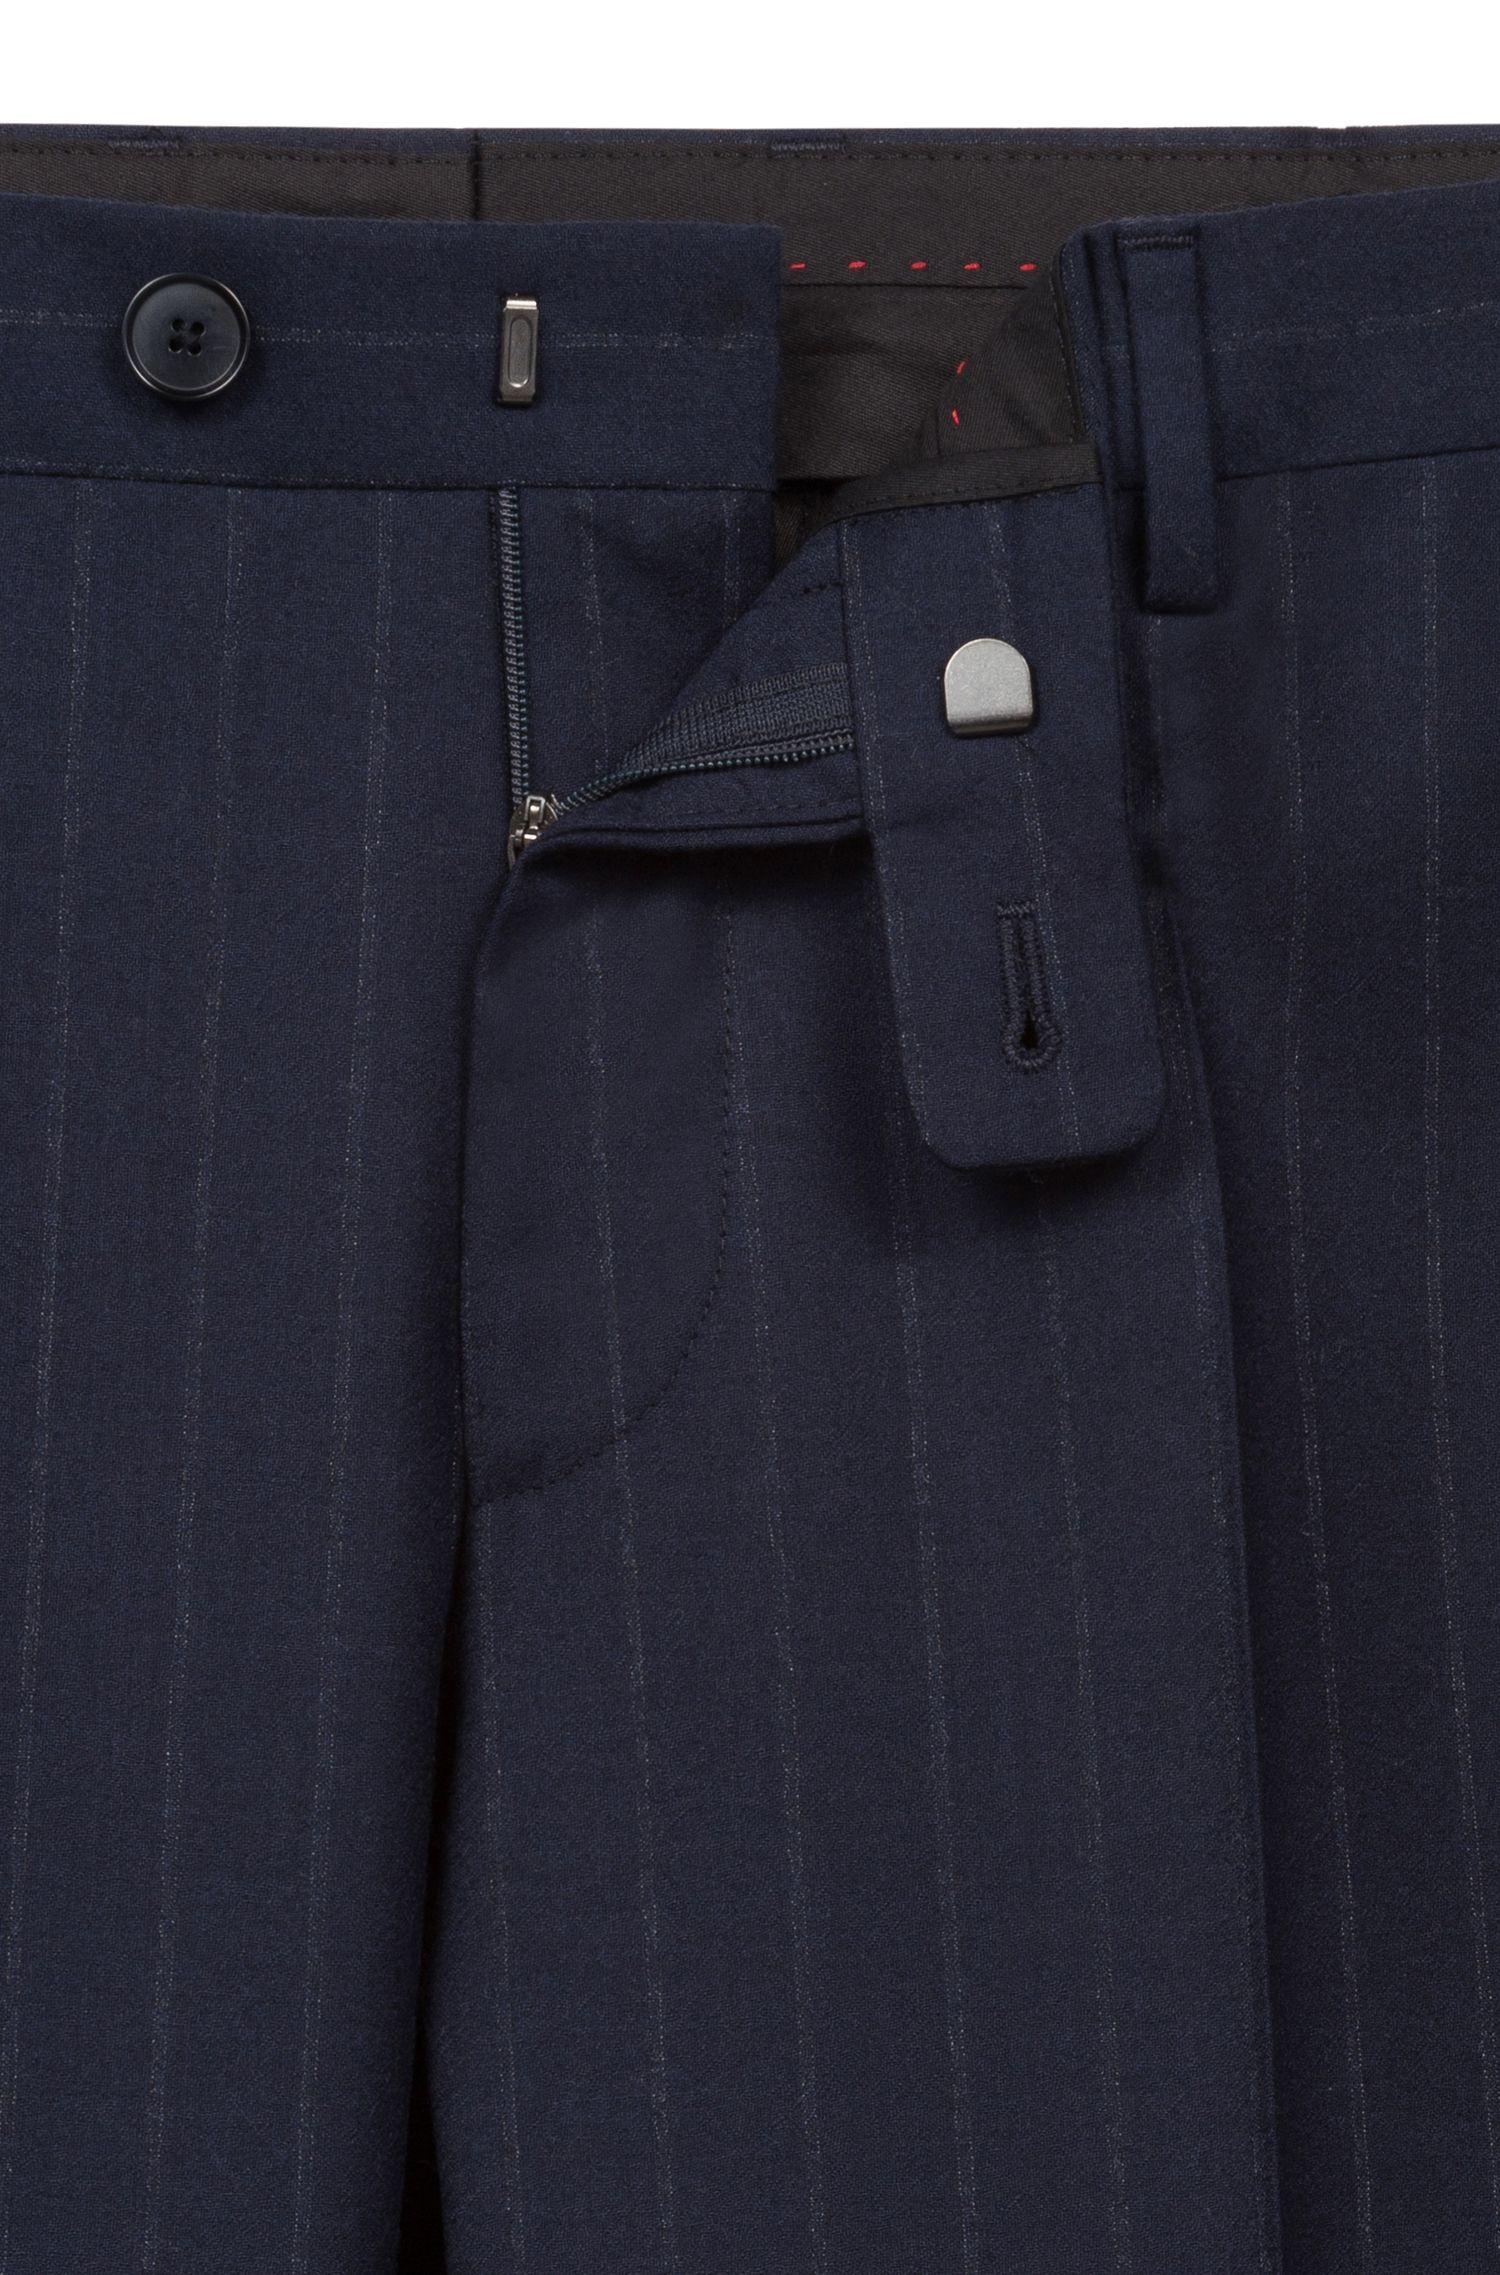 Traje slim fit en lana virgen italiana con raya diplomática